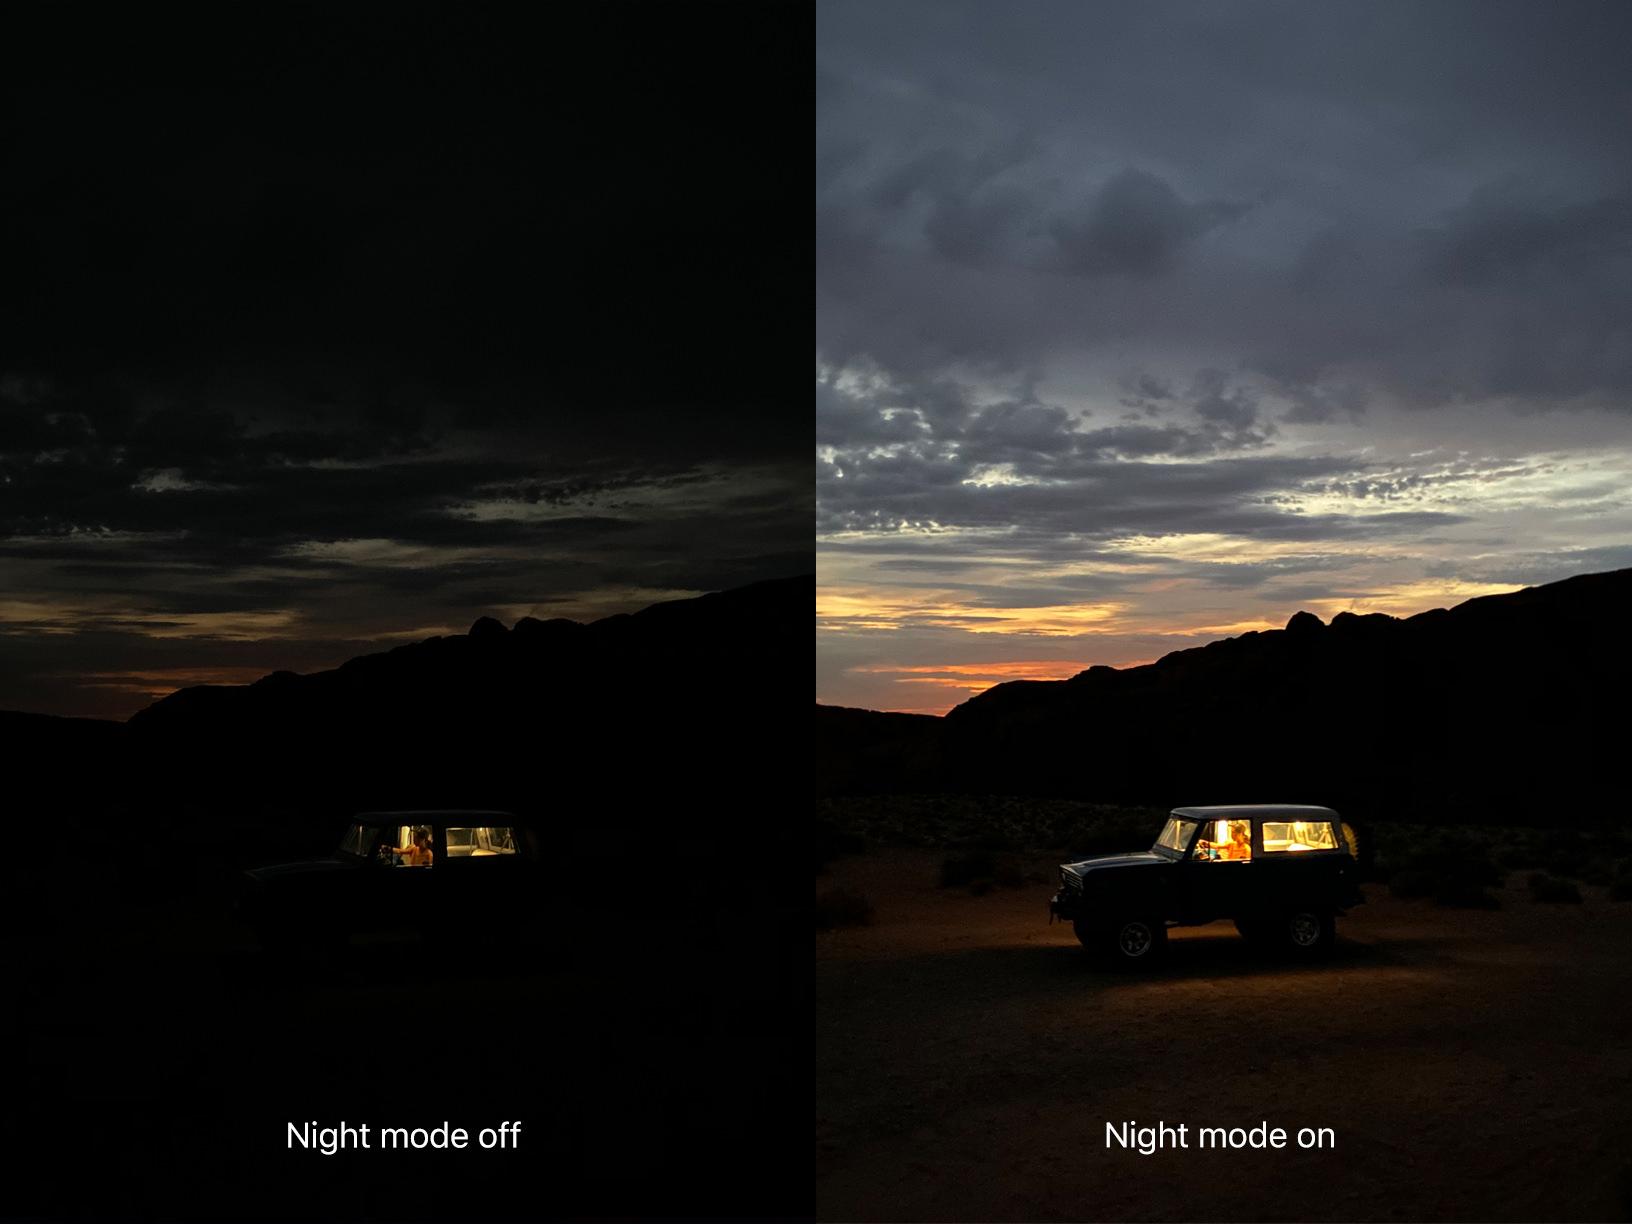 La modalità di scatto notturno migliora notevolmente le foto con scarsa luce